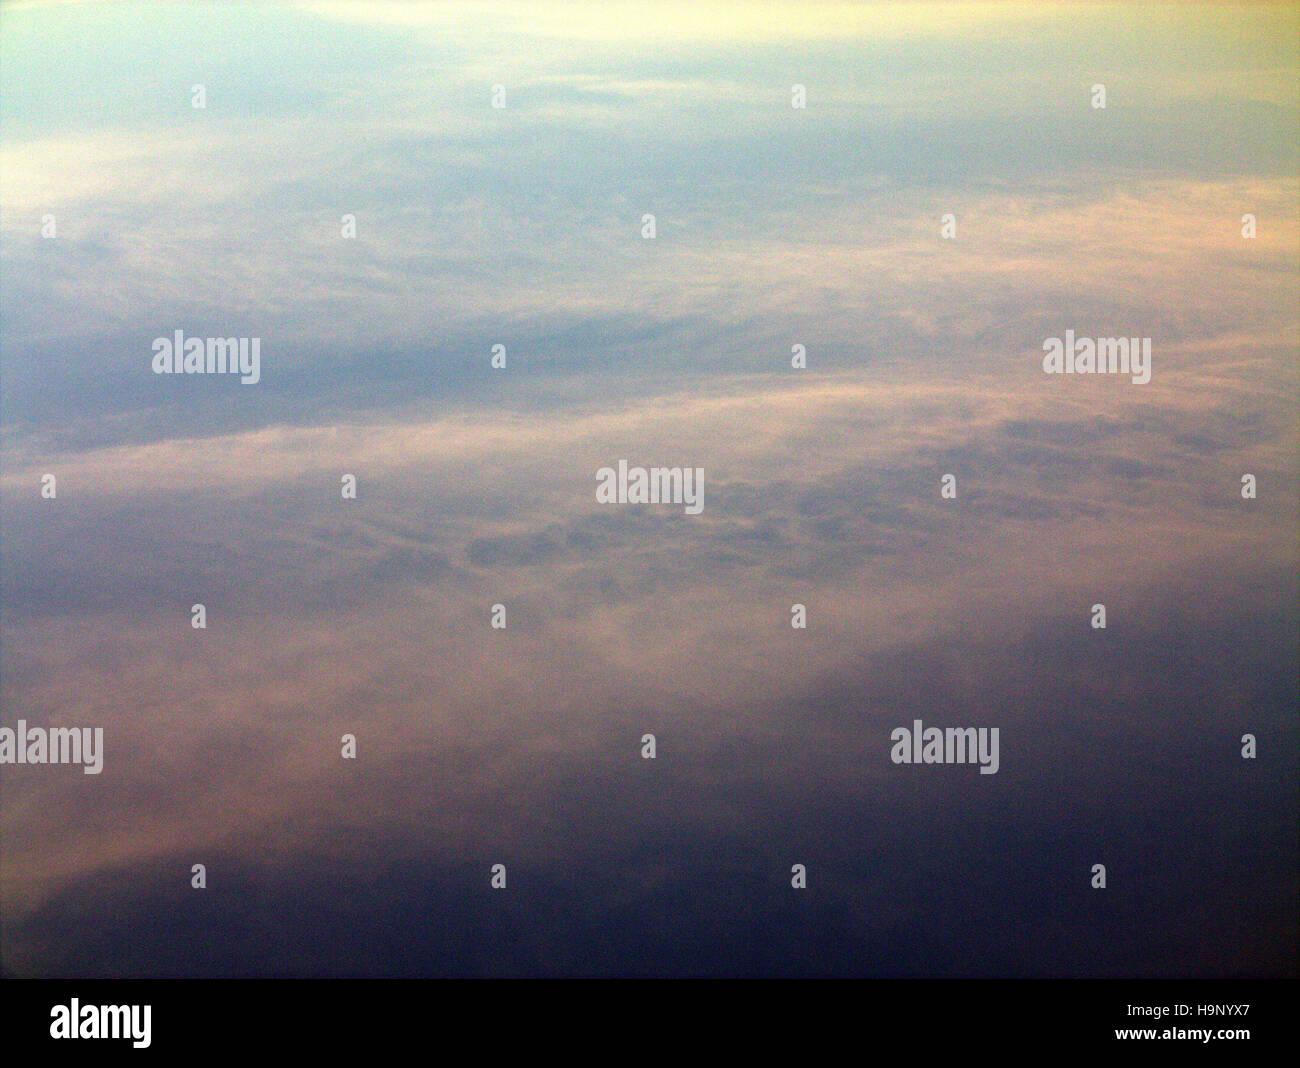 Resumen Antecedentes La nube azul cielo azul Imagen De Stock